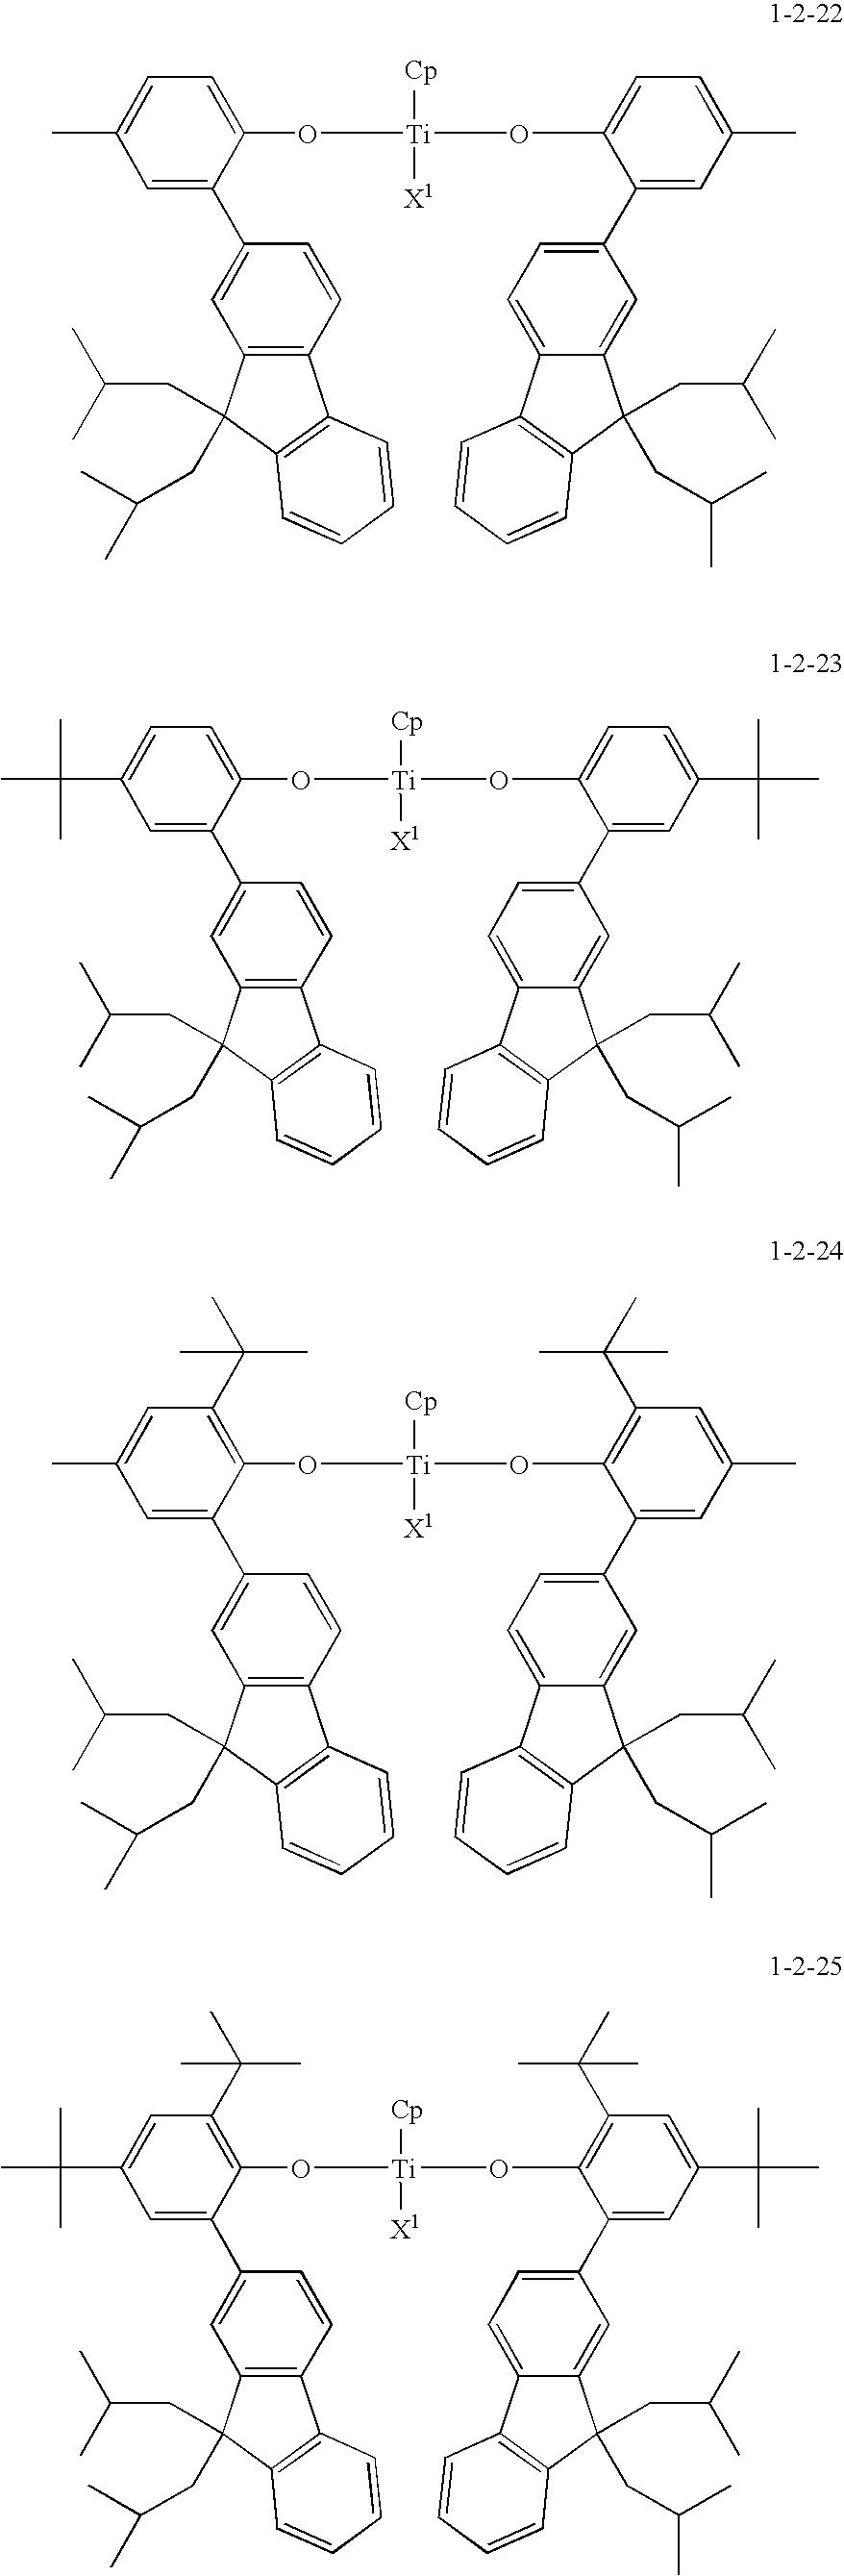 Figure US20100081776A1-20100401-C00039